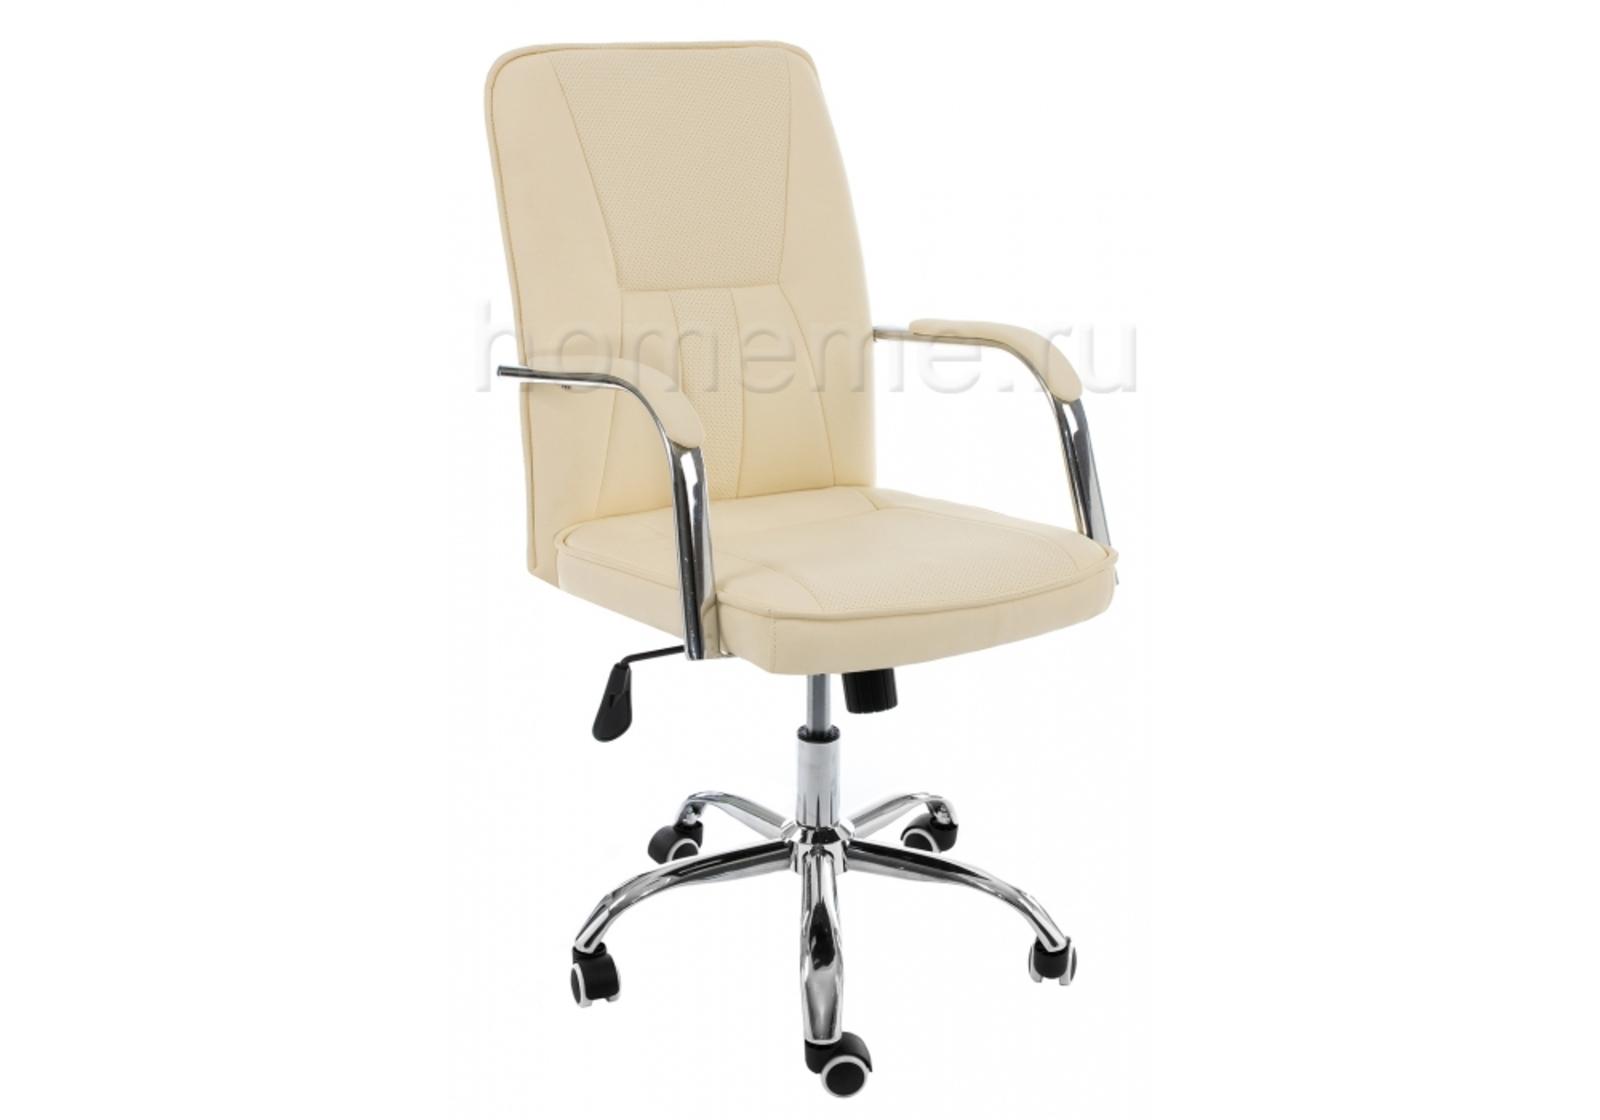 Кресло для офиса HomeMe Компьютерное кресло Nadir бежевое 11062 от Homeme.ru